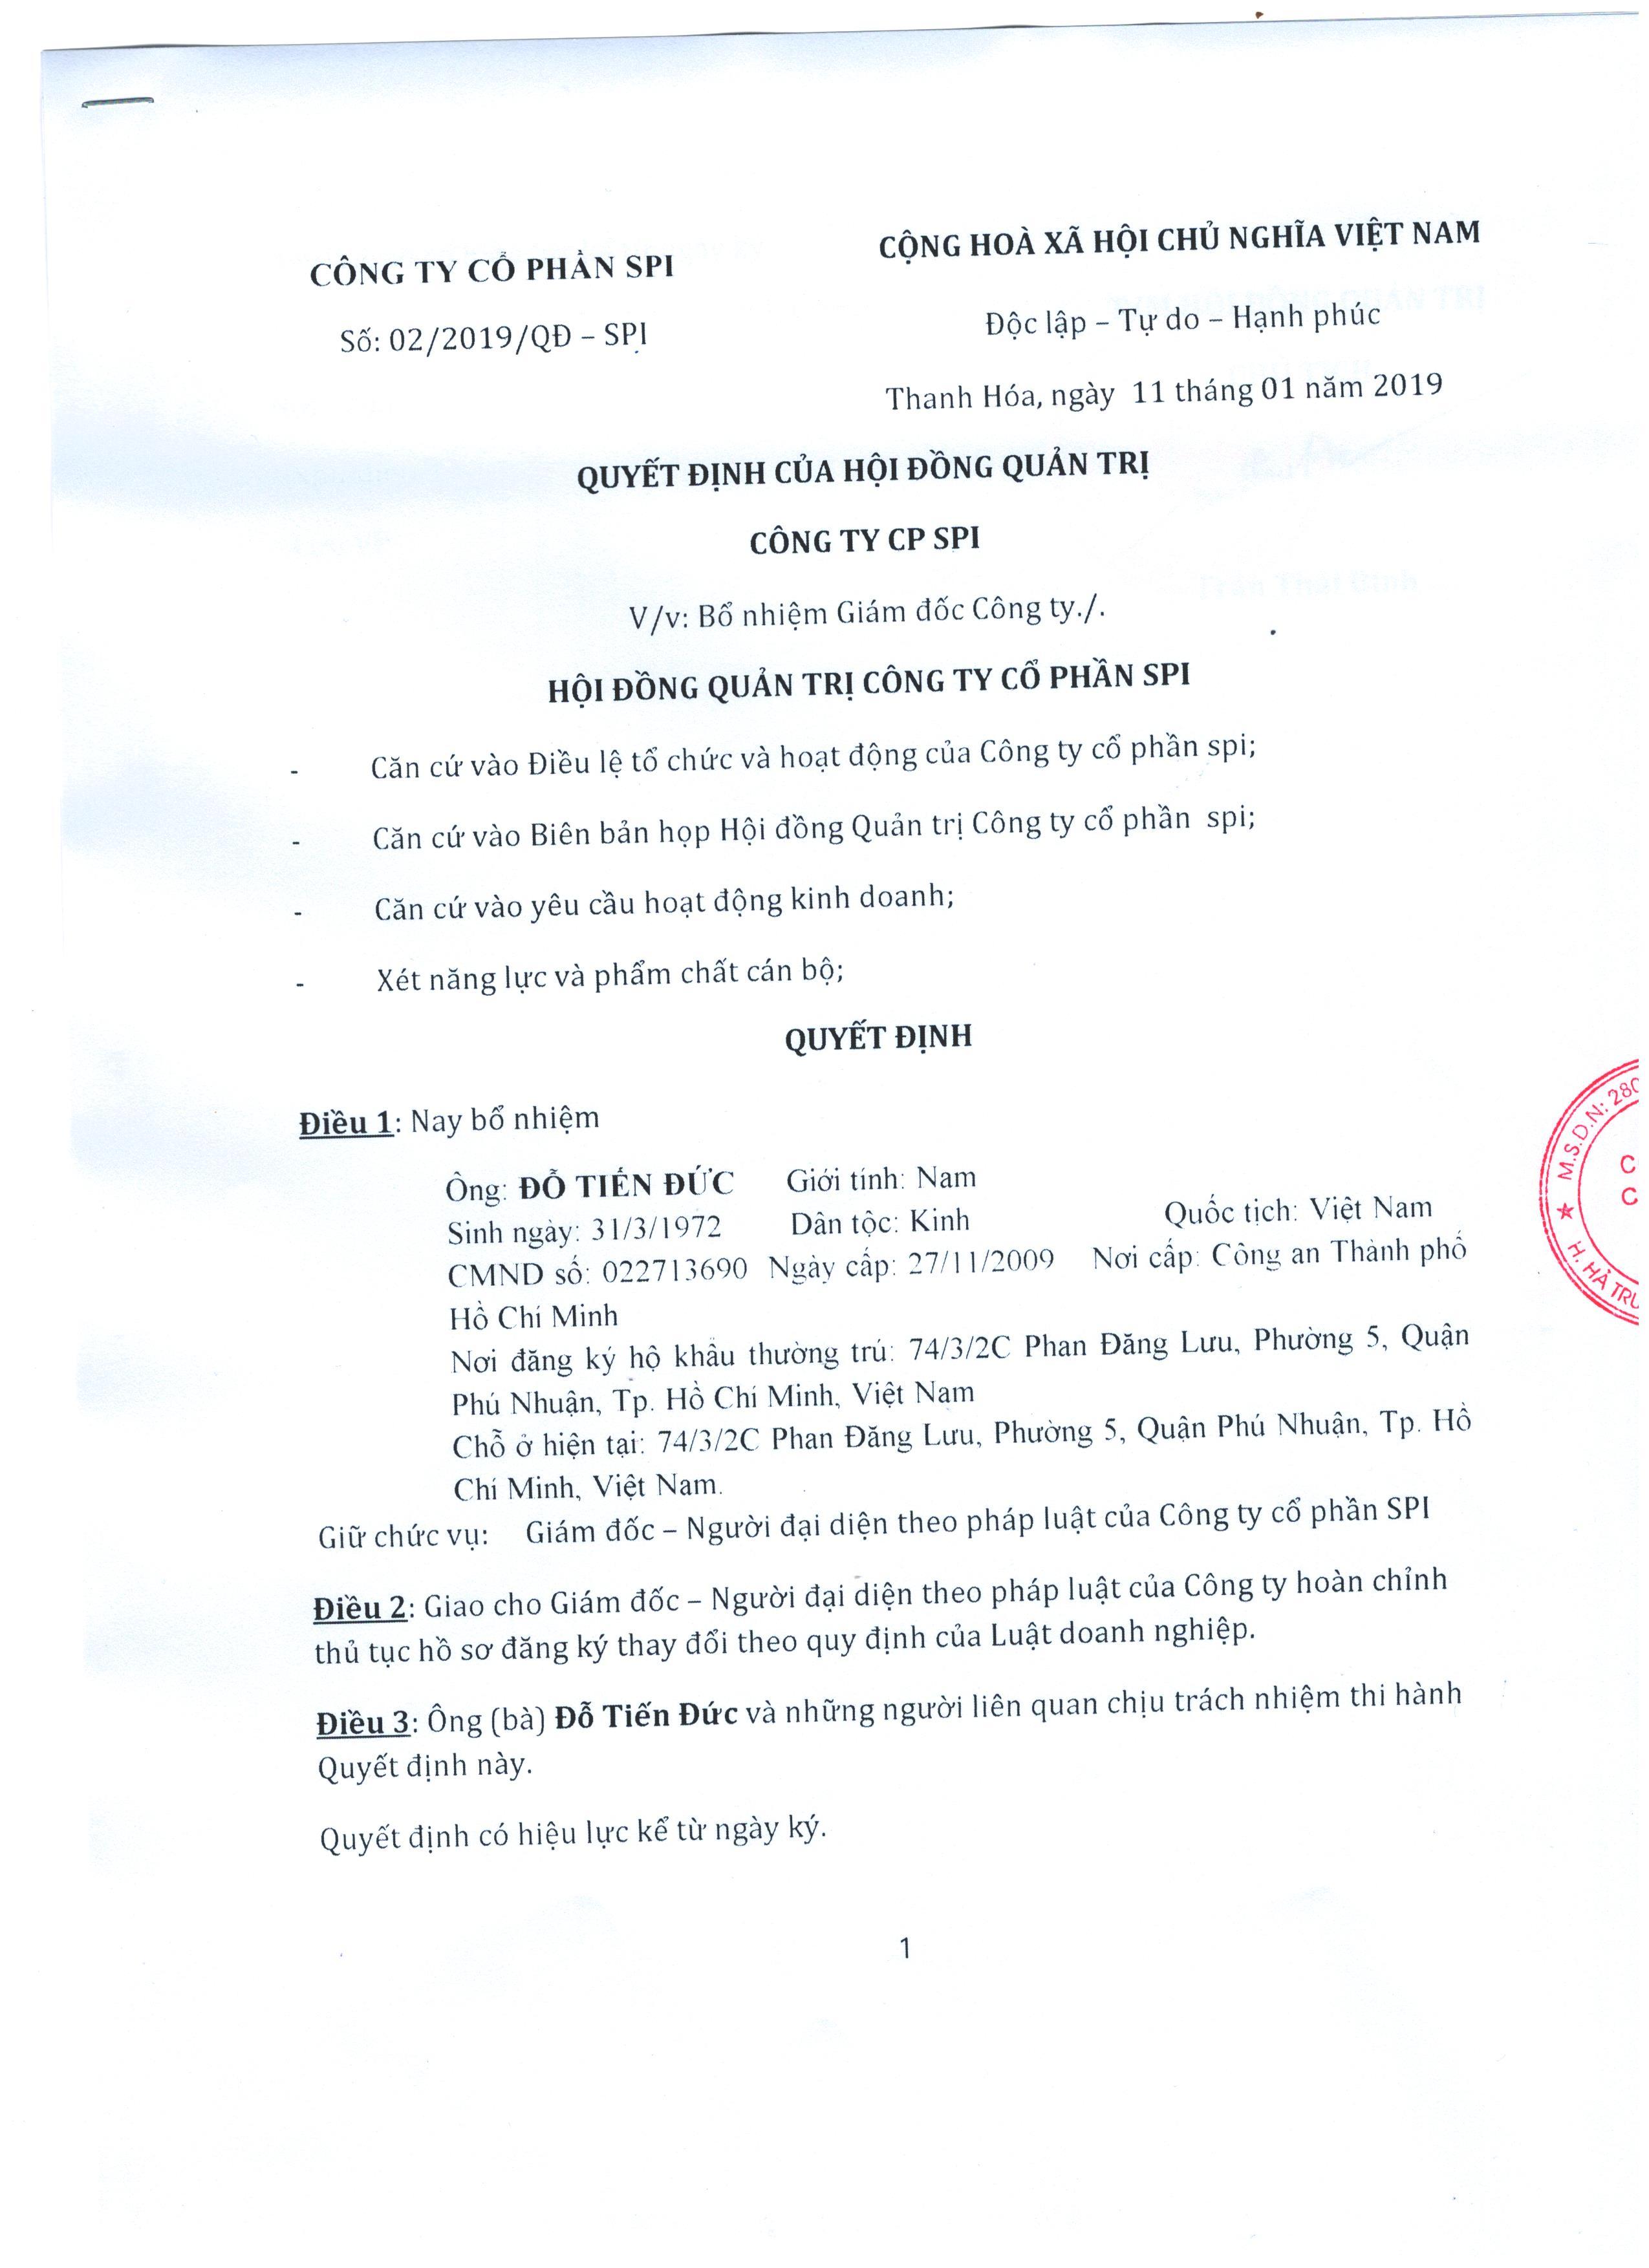 Quyết định bổ nhiệm GĐ1